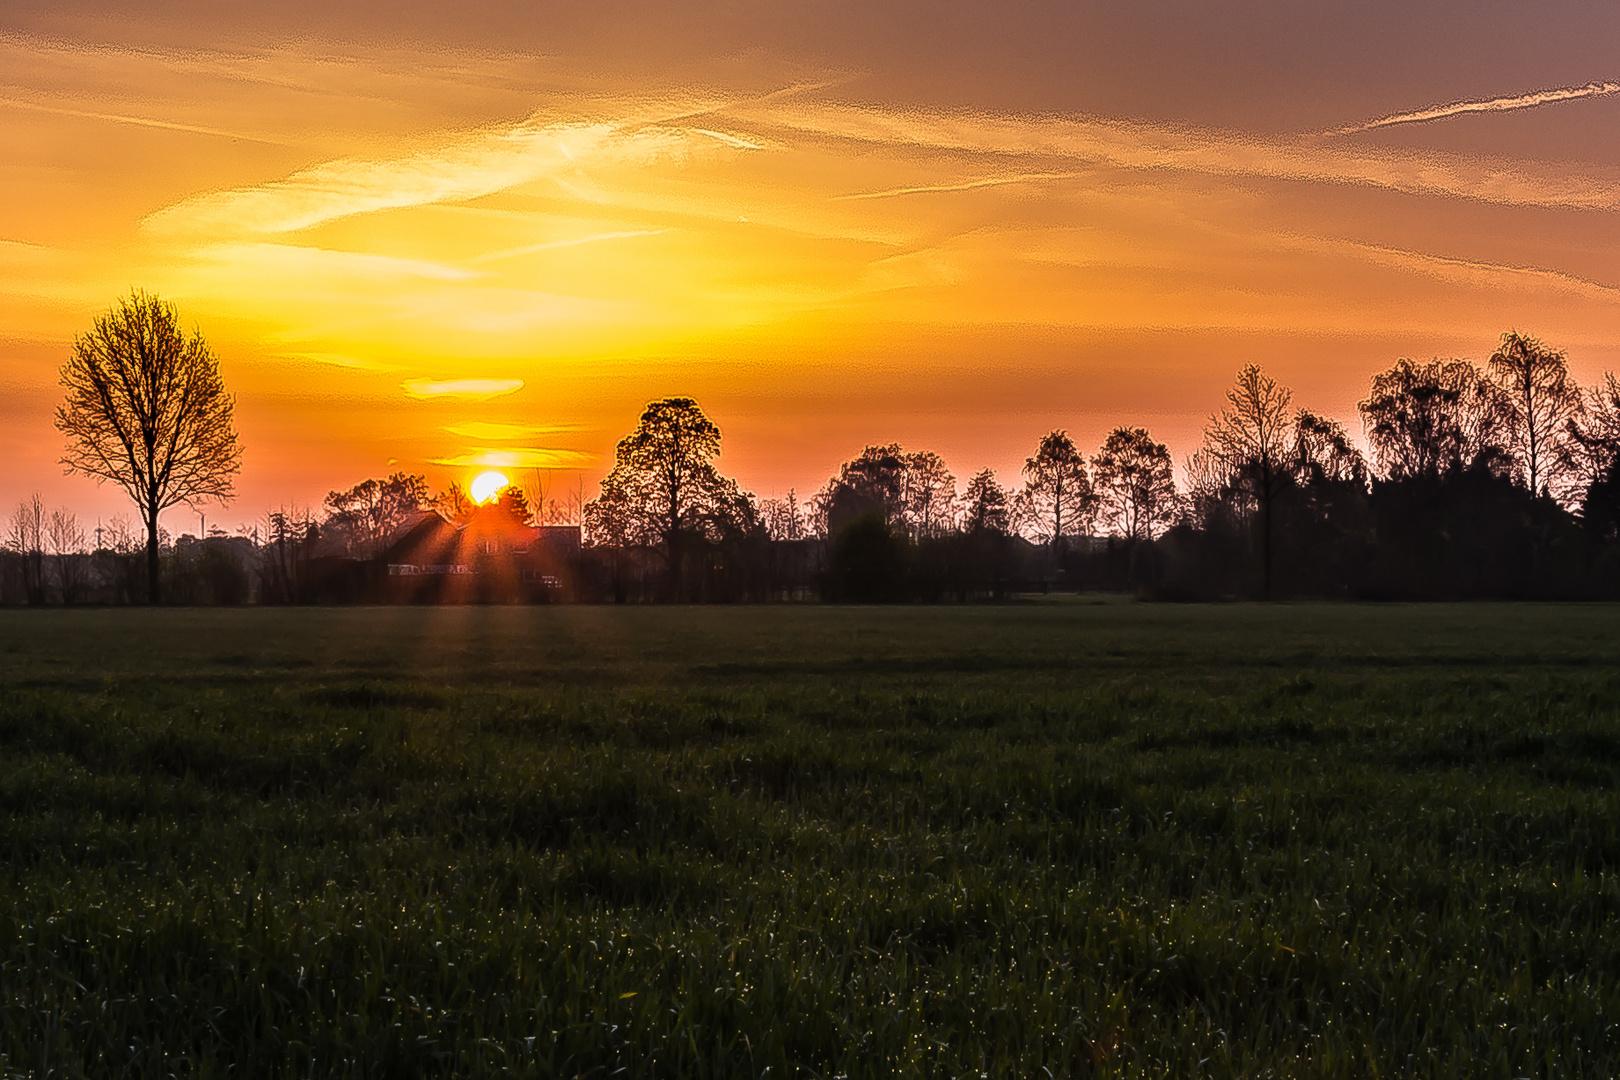 Die Sonne geht auf...